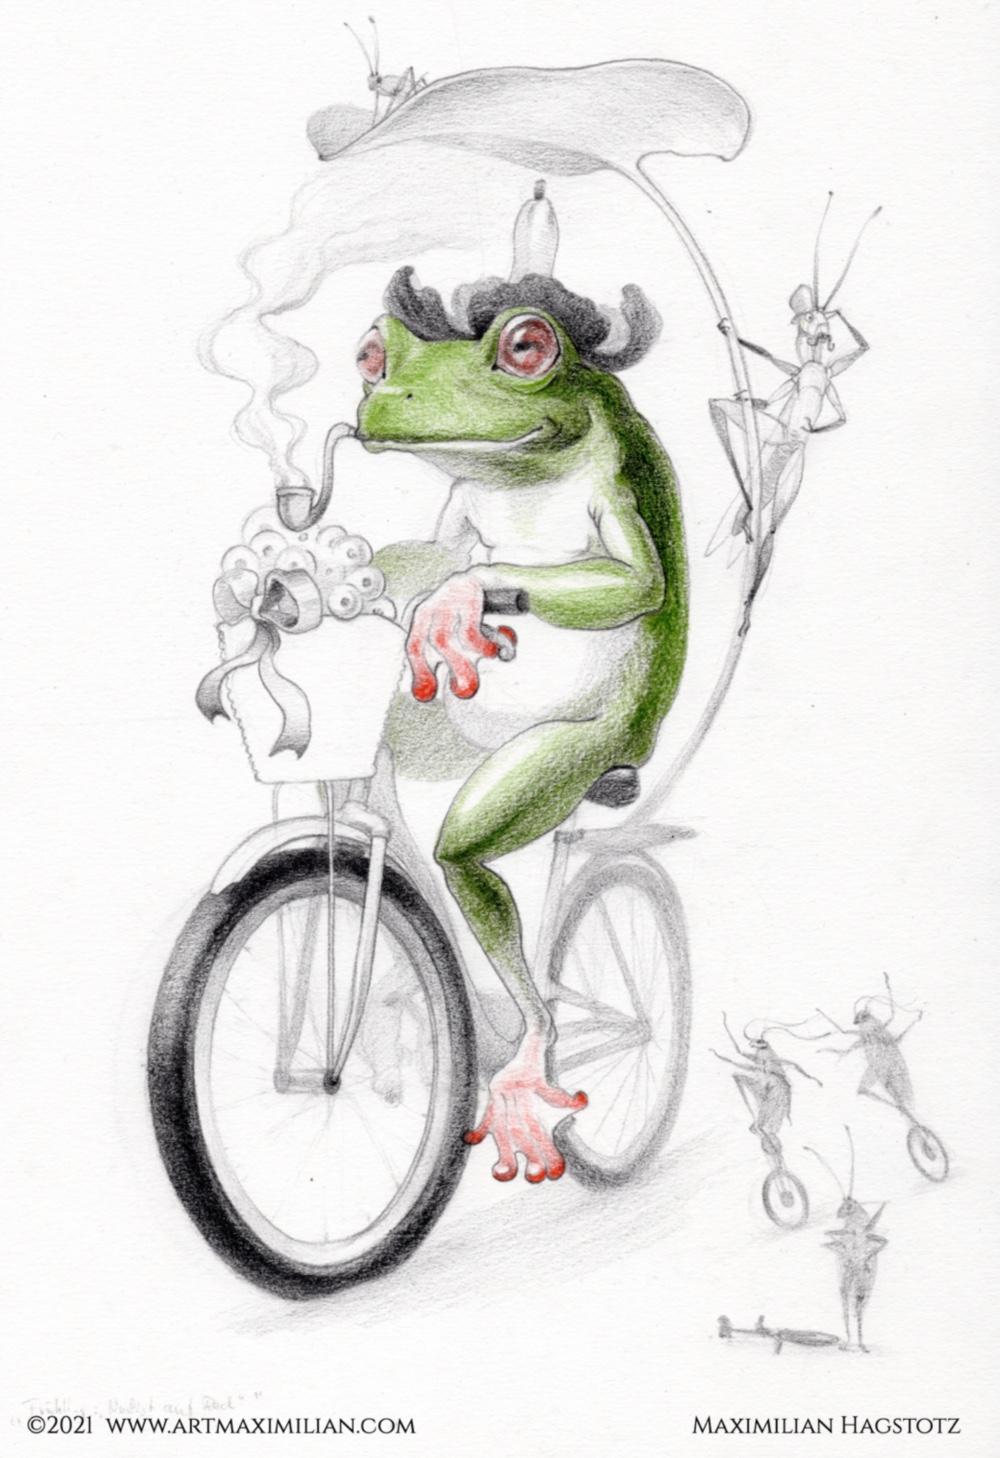 Frühlingsbote Maximilian Hagstotz Zeichnung Grafik grün rot Bleistift Geschenk positiv neu lustig Frosch gleich Eier Pfeife Grashüpfer kakalaken hut Blume schleife Fahrrad Jahreszeiten Gefühle